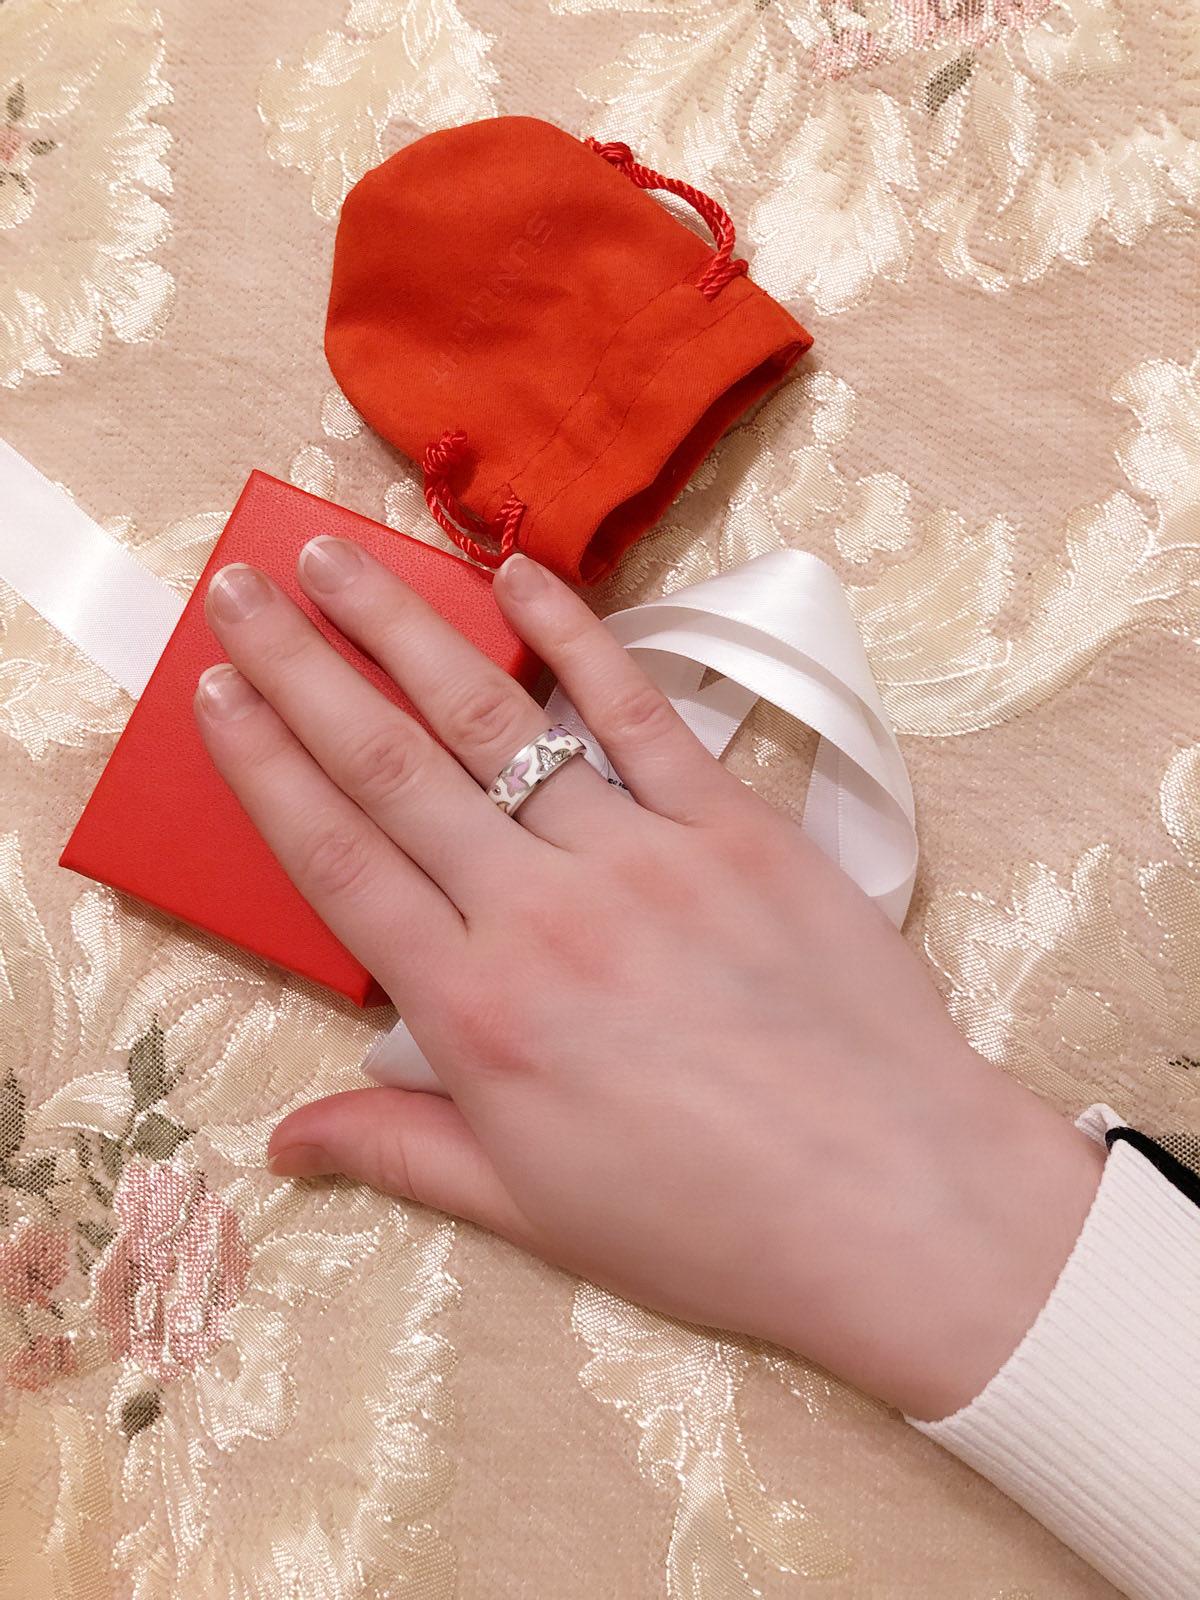 Кольцо очень удобное и красивое👍